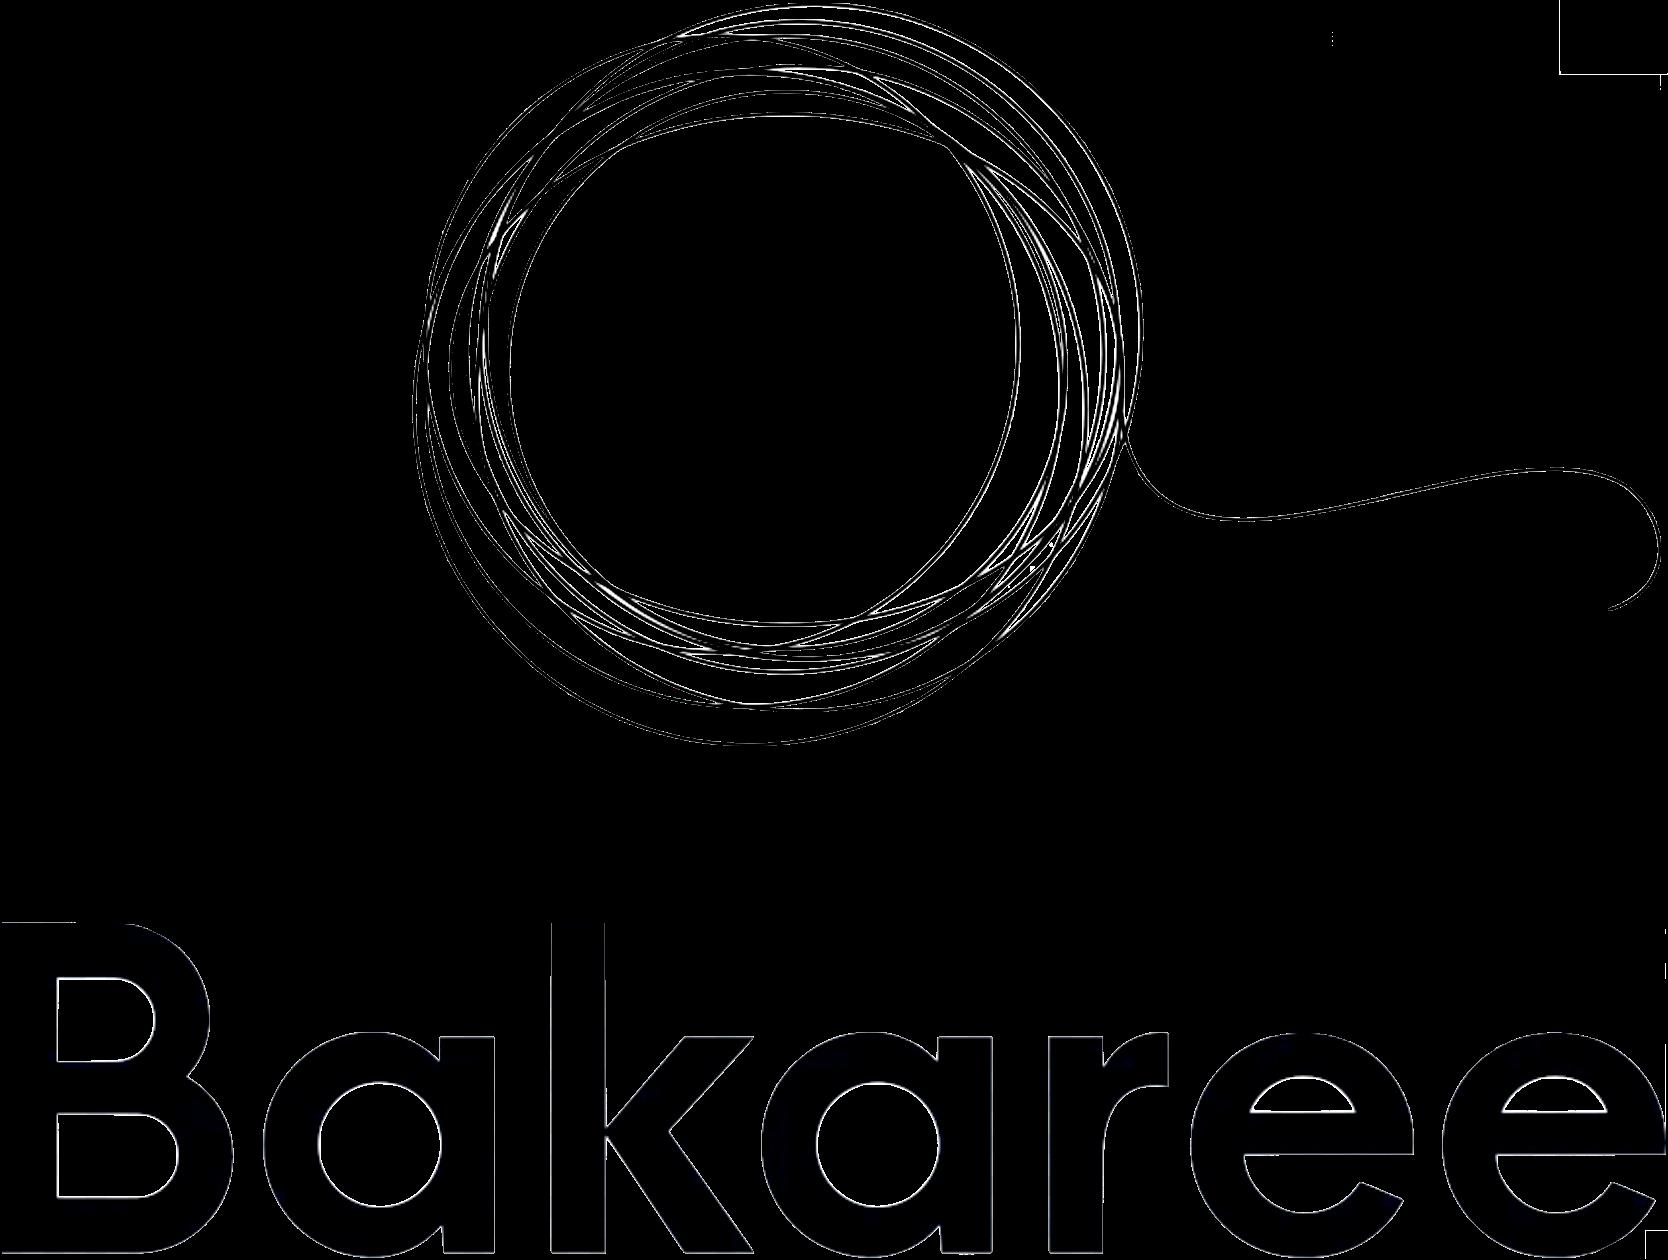 Bakaree